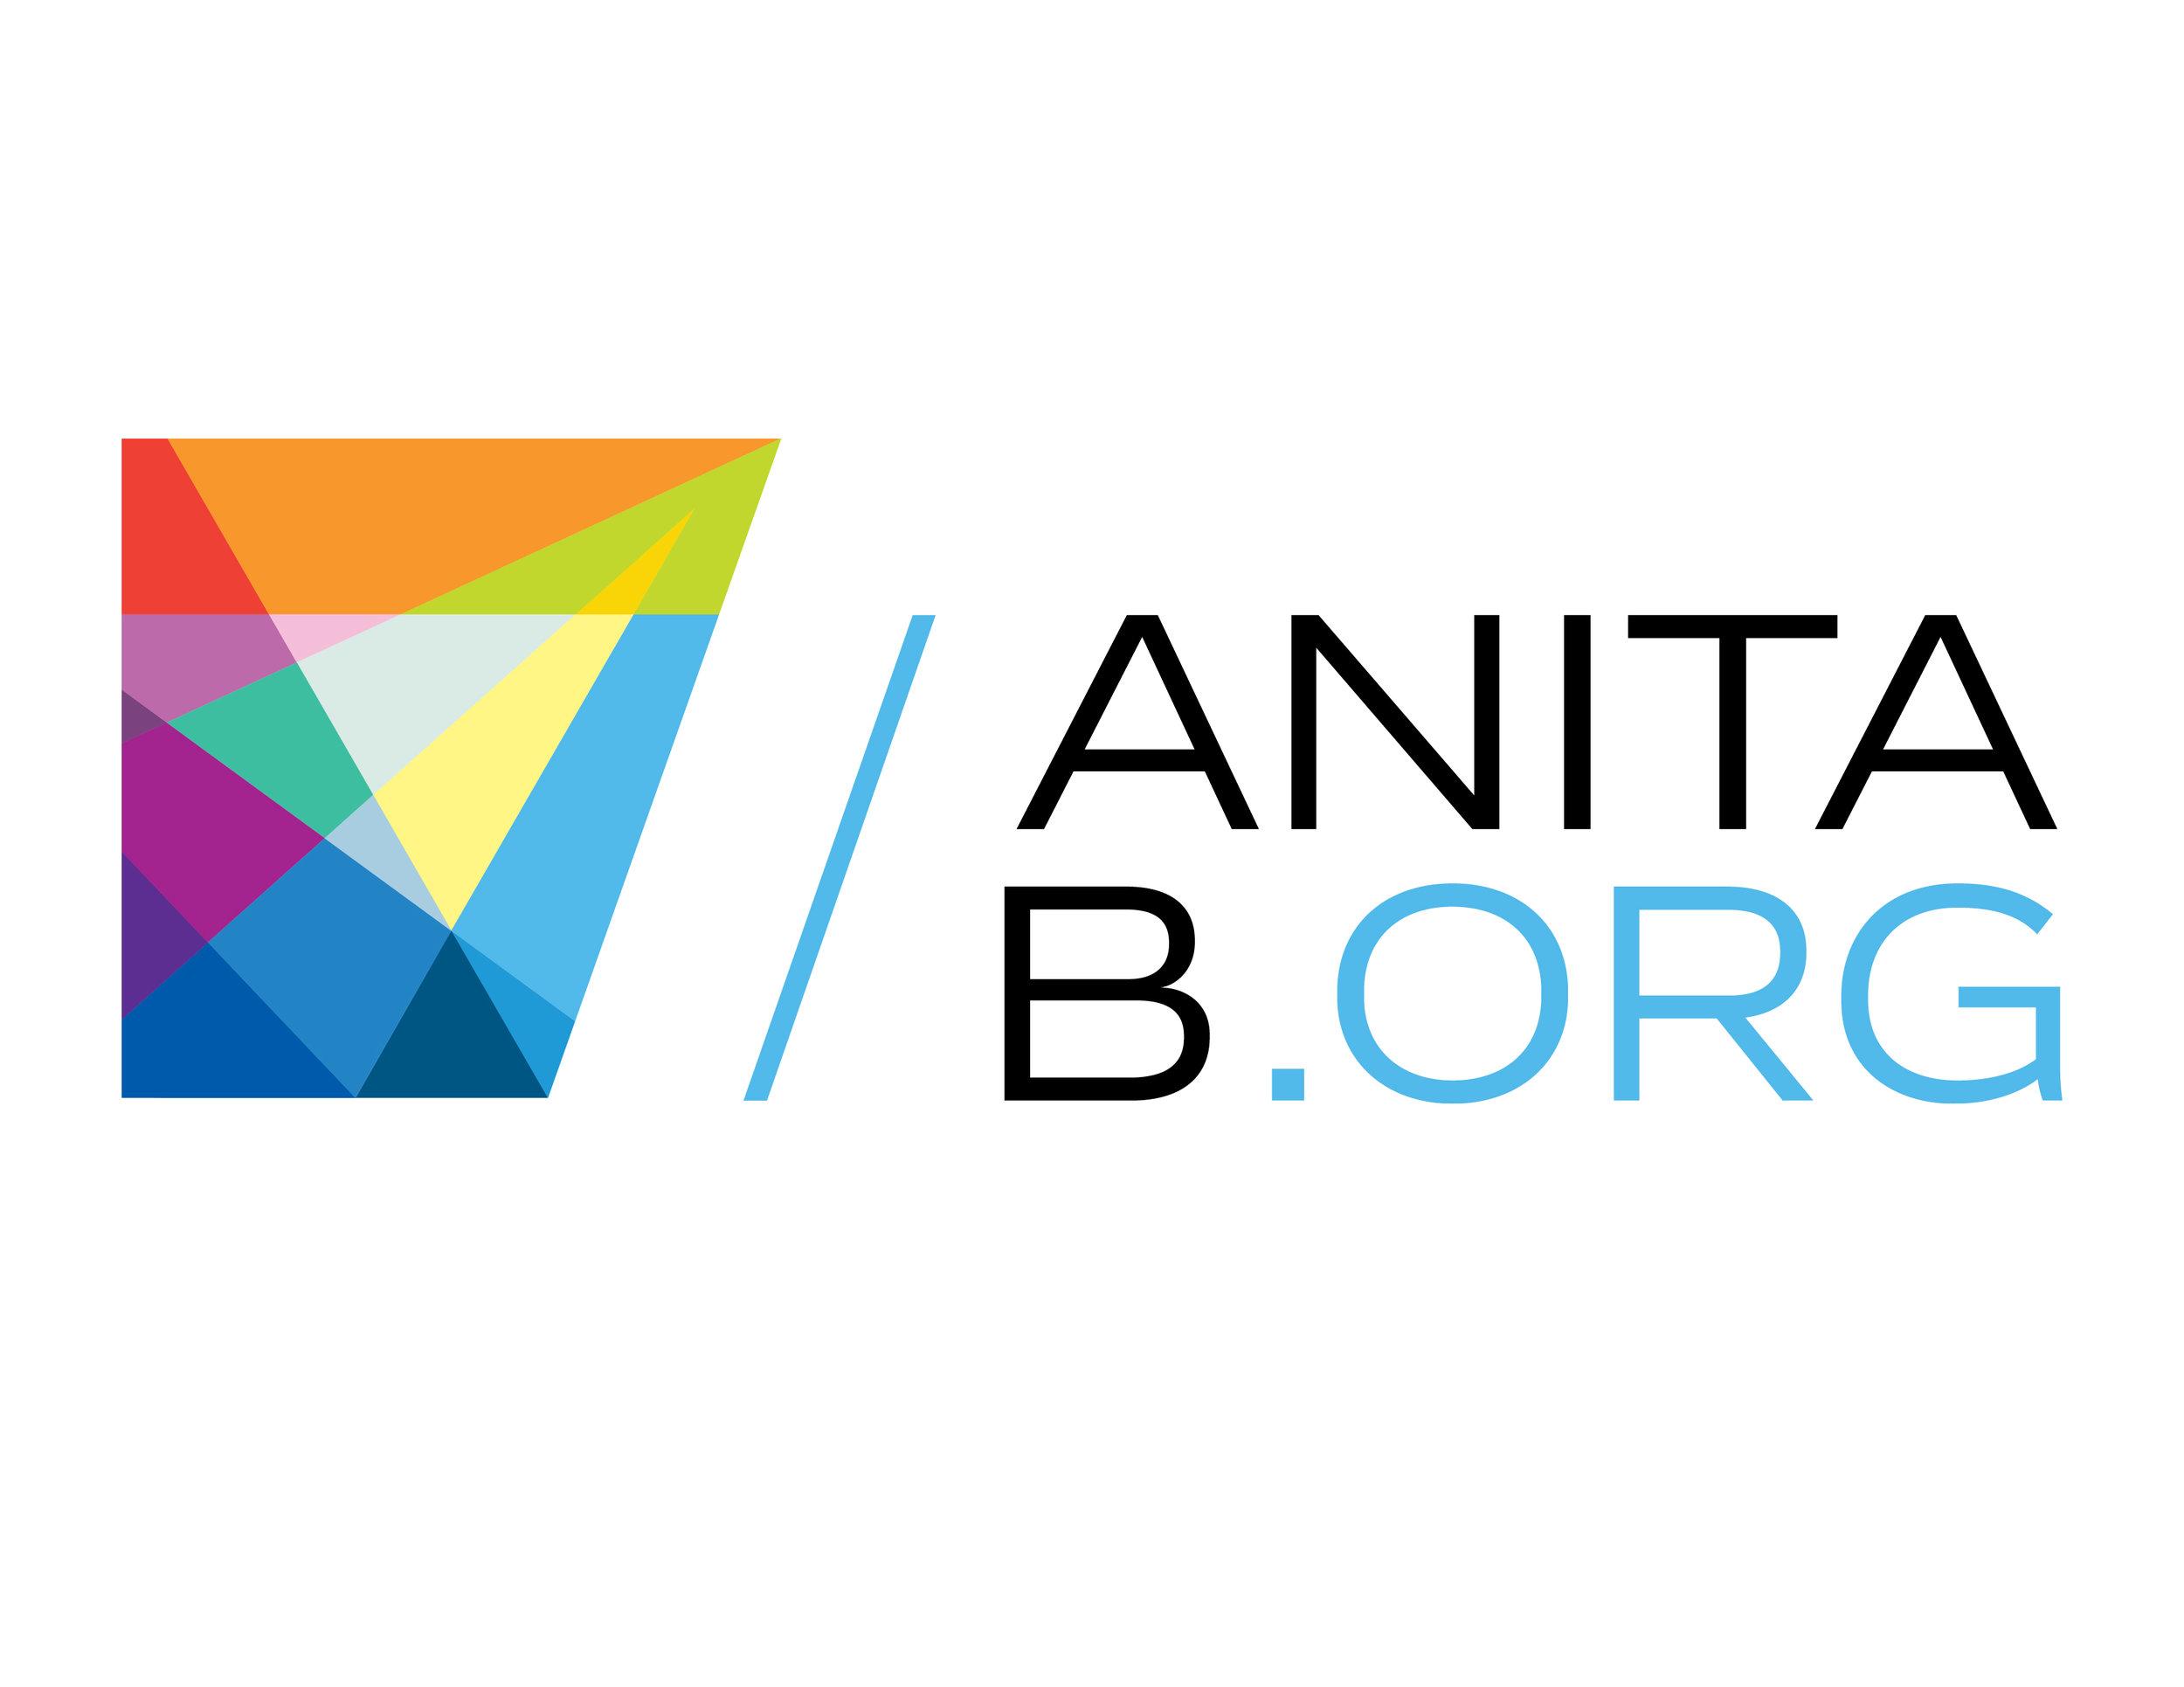 AnitaB-org_logo_RGB.jpg